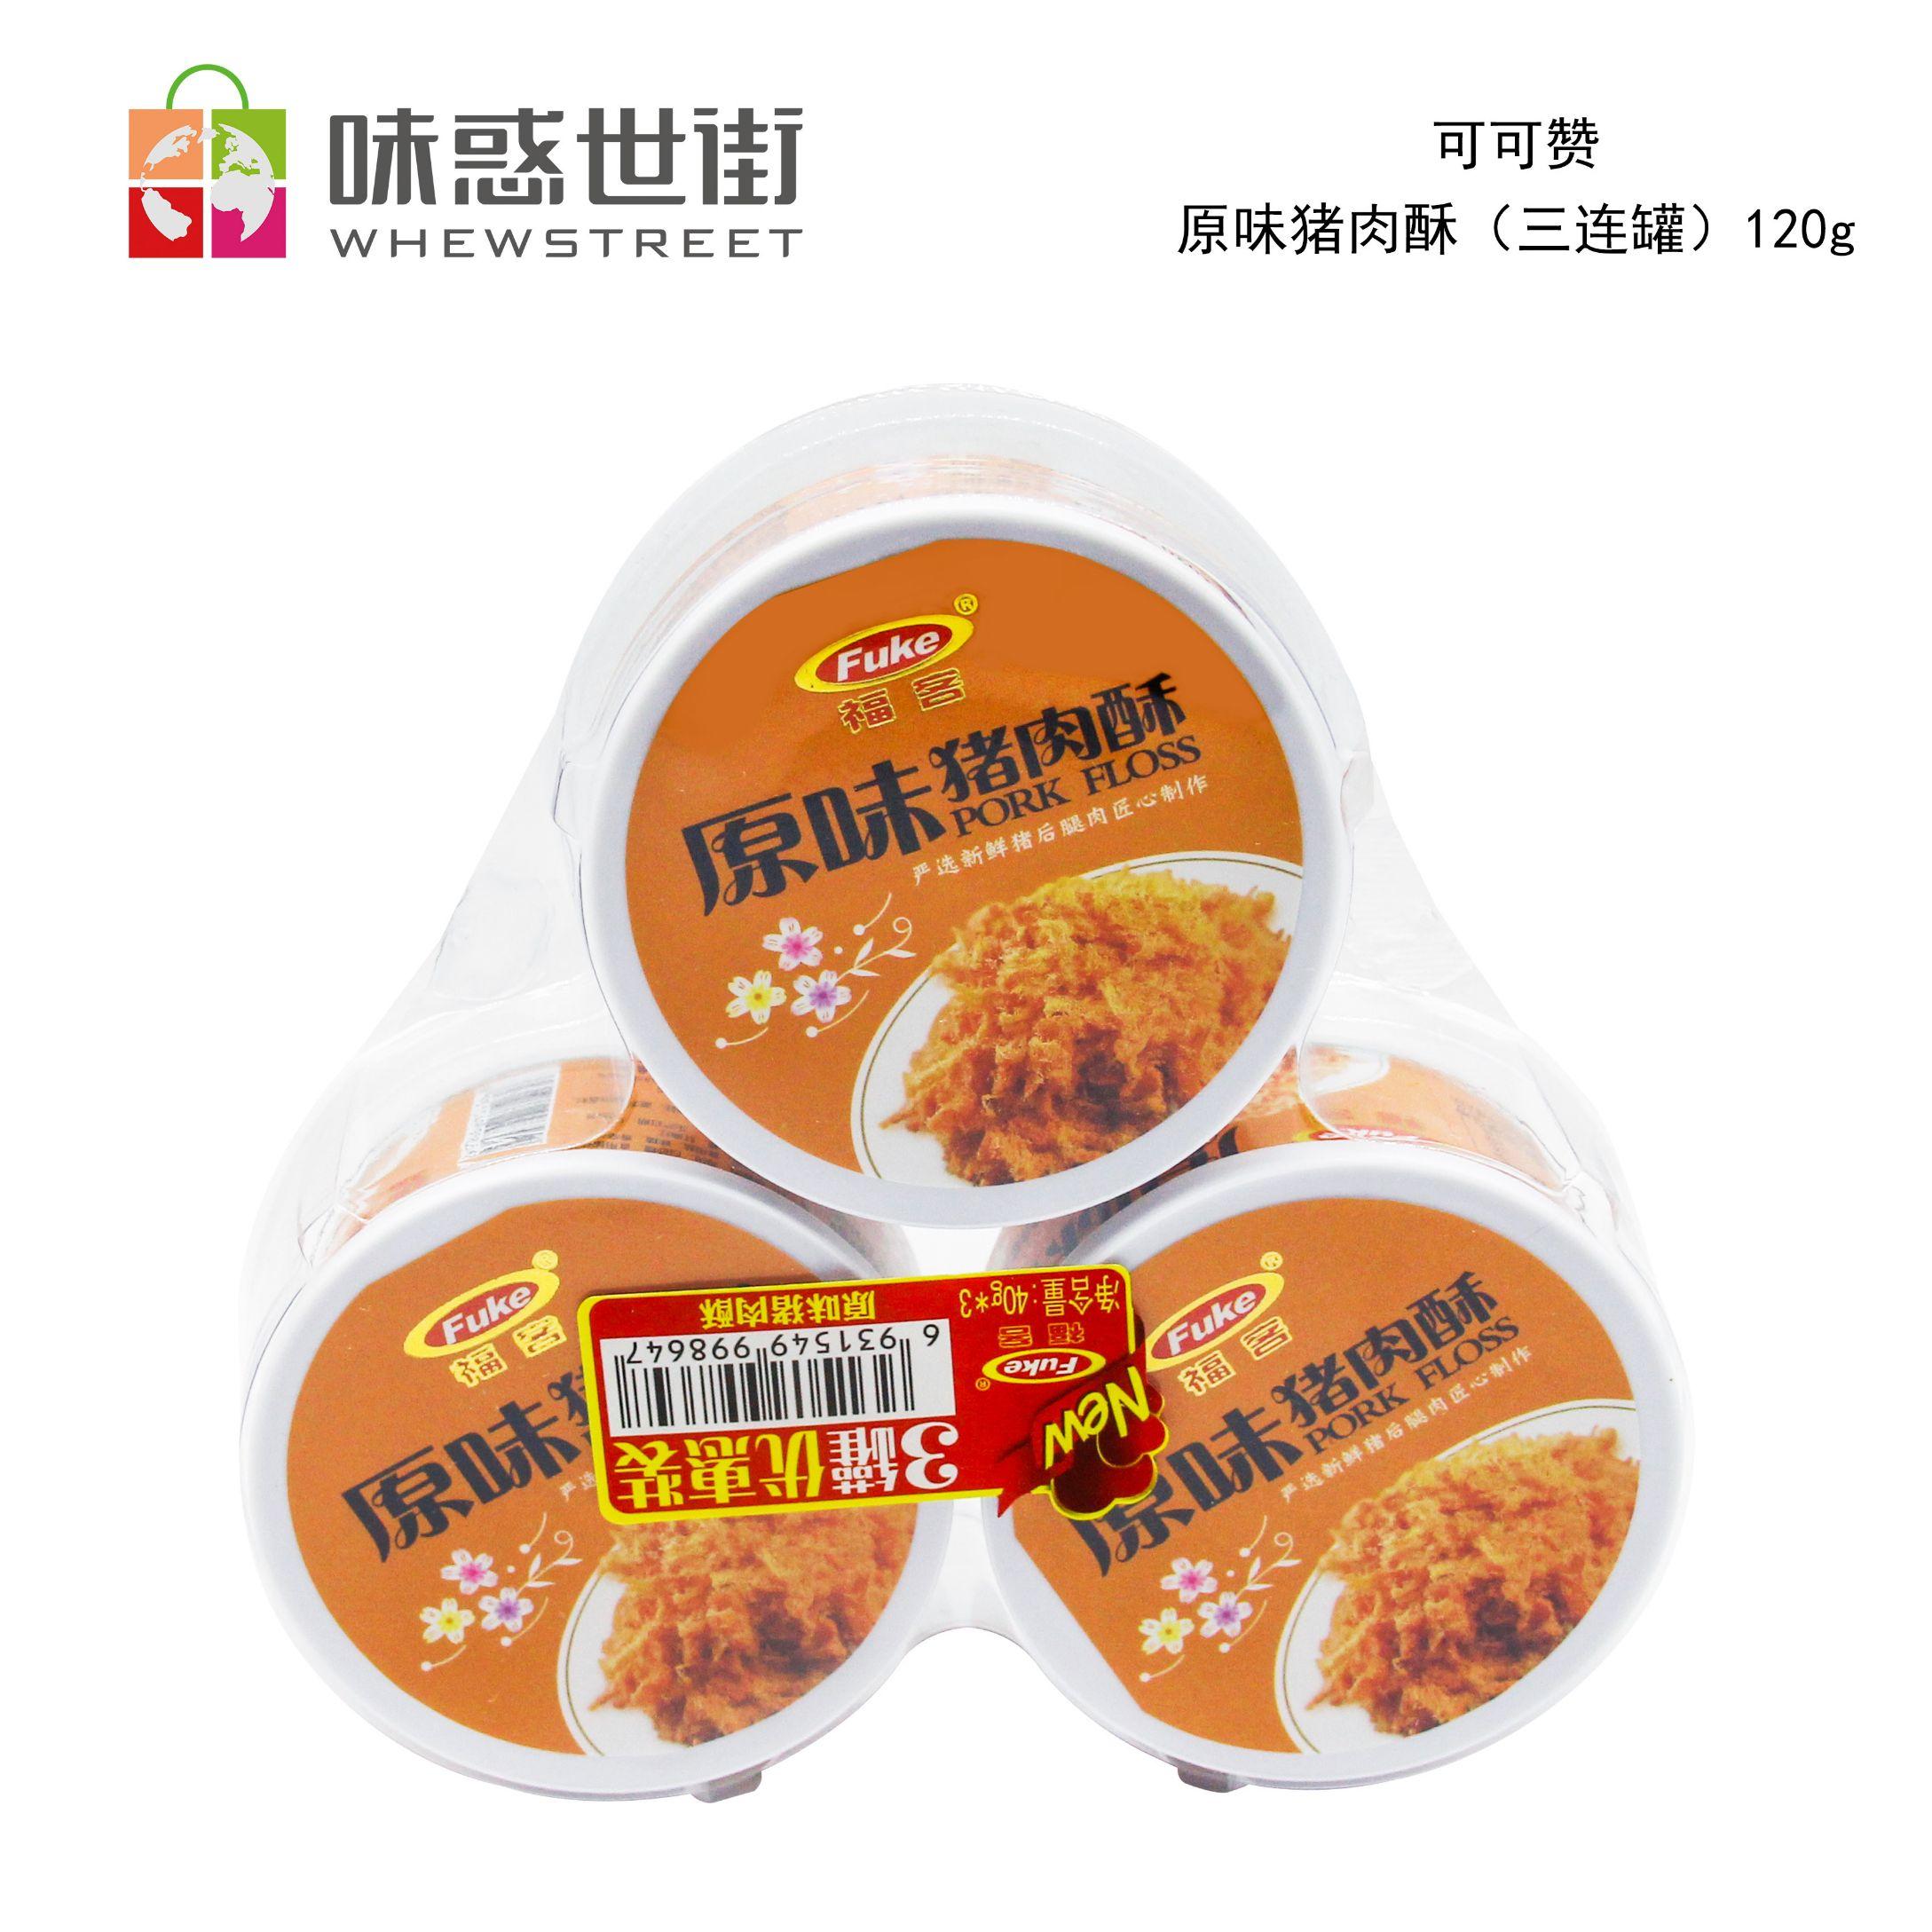 可可赞 原味猪肉酥(三连罐)120g